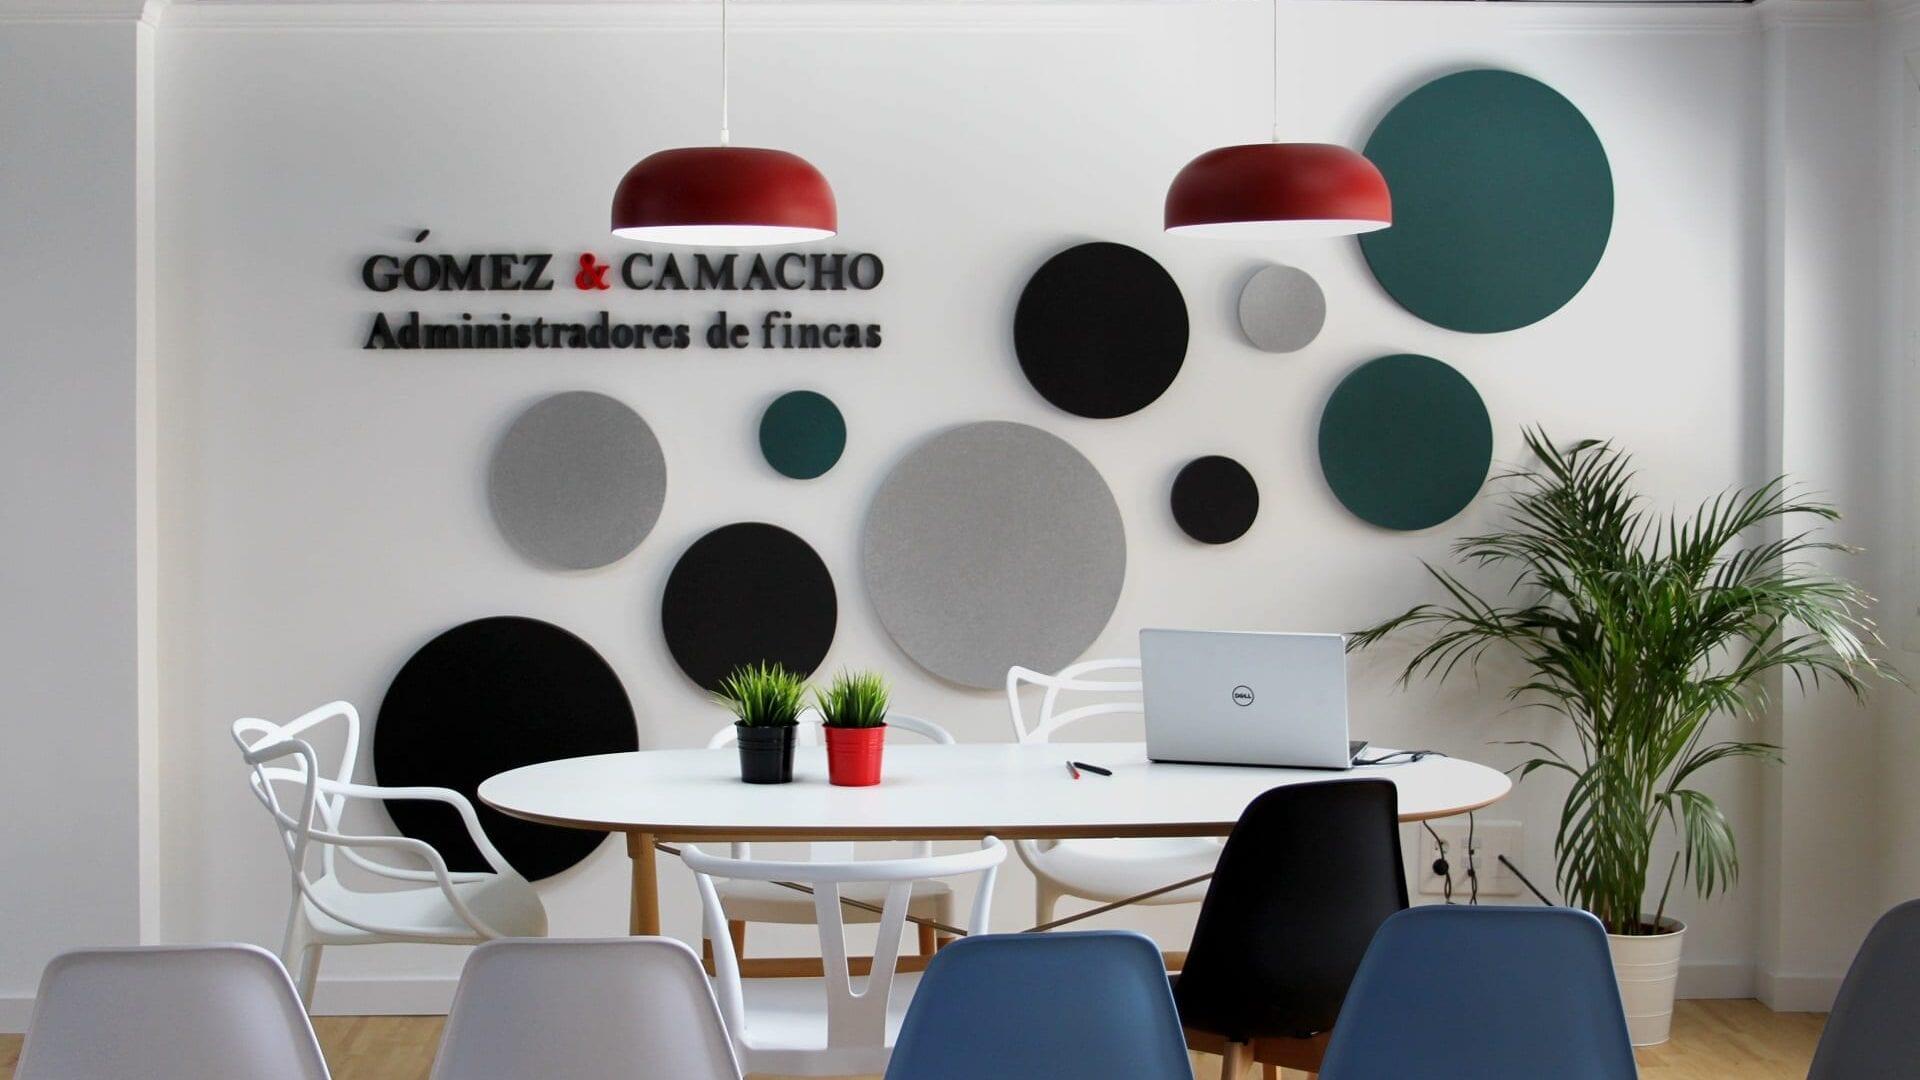 Gómez & Camacho Administradores de Fincas